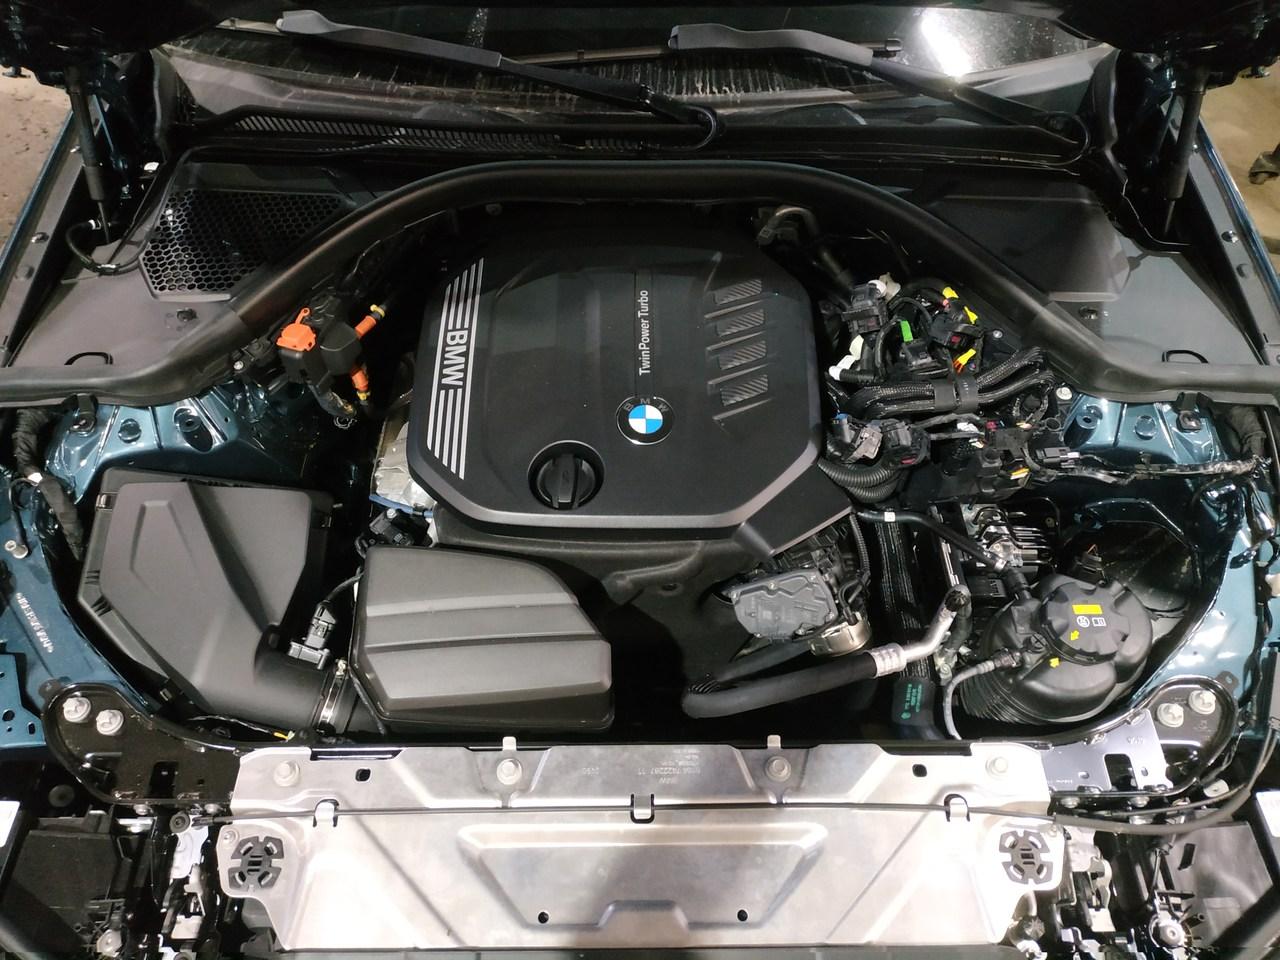 двигатель B47 2.0 л, BMW G20 318d